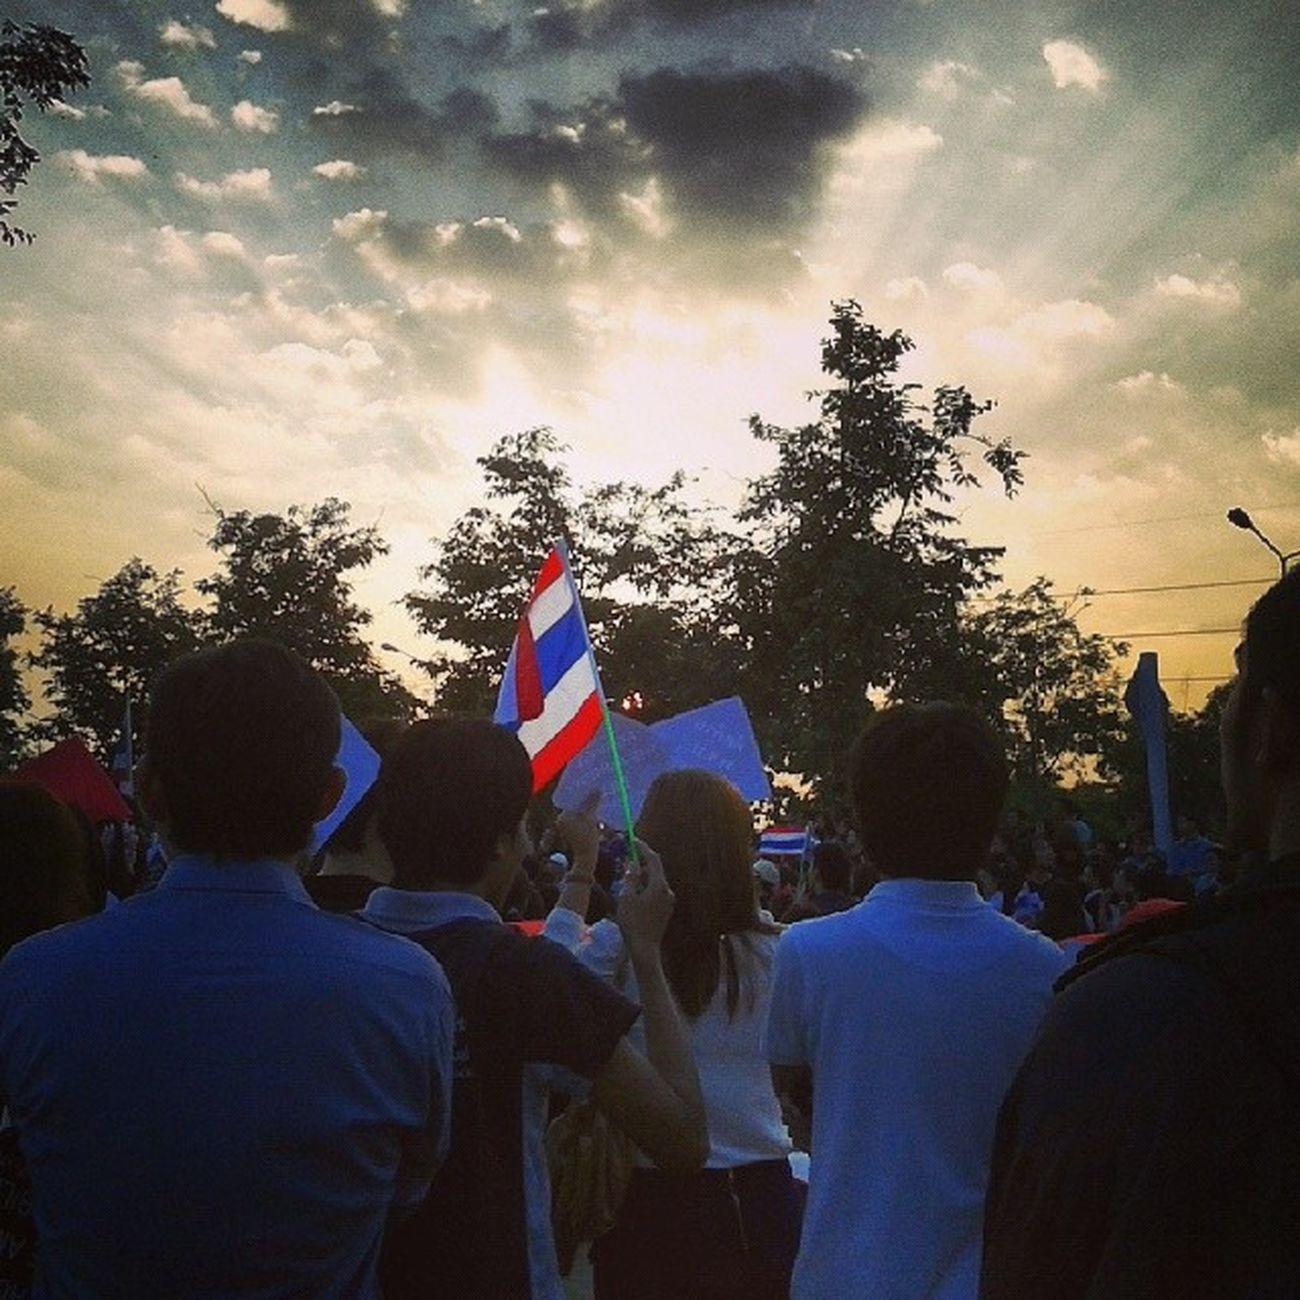 ม.นเรศวร ต้าน พ.ร.บ.นิรโทษกรรม ฉบับสุดซอย Sun Set Sun Light Thai Flag